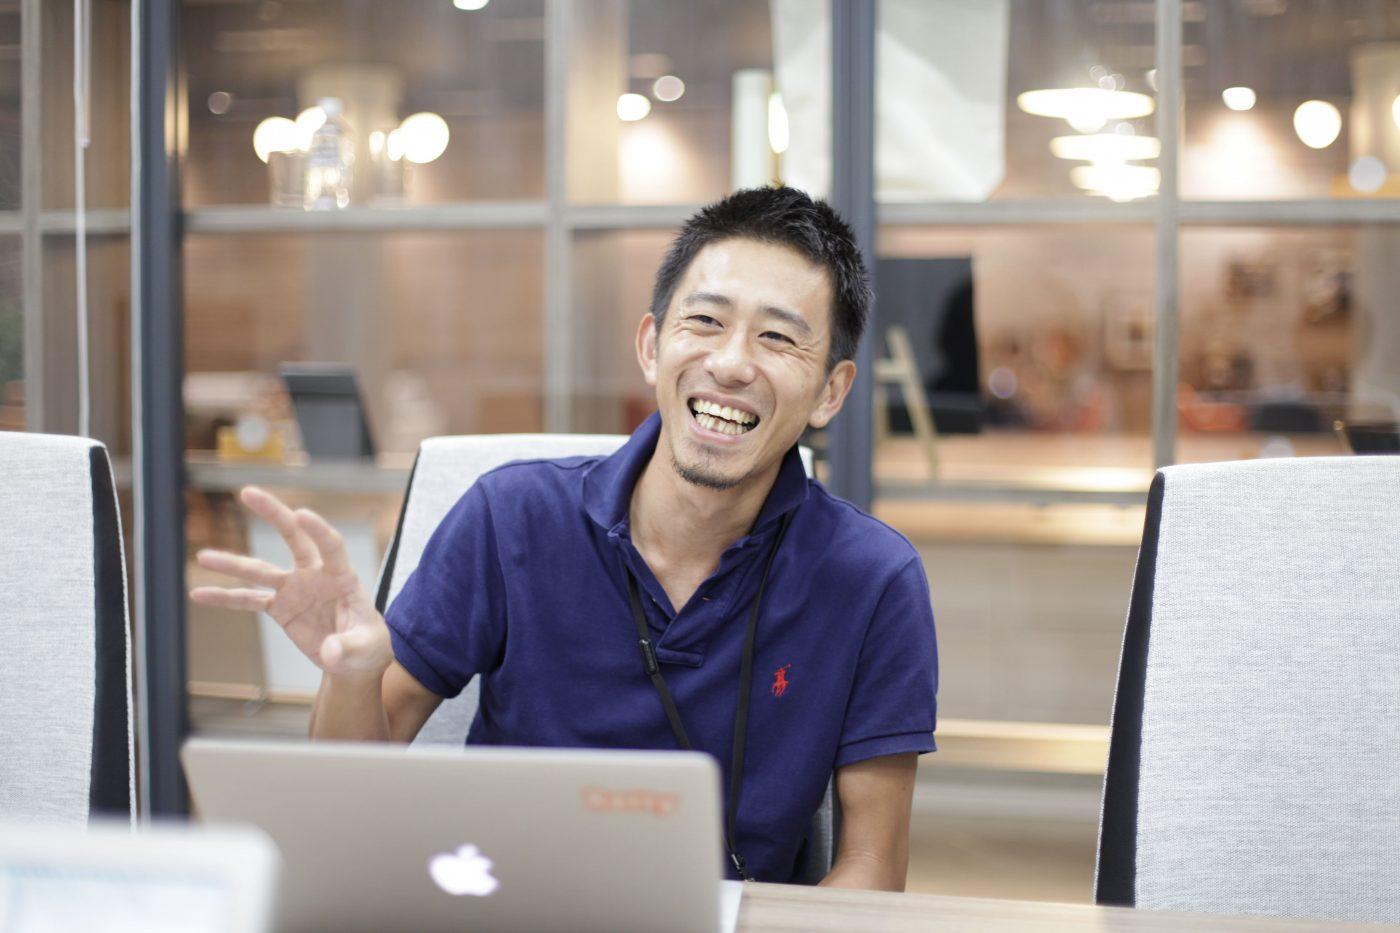 その後、武田氏は株式会社ネットエイジ(以下、ネットエイジ)に就職する。ECサイトを継続して学び続けるか悩んだ末での決断だった。決断のきっかけは、今後伸びる市場をモバイルに見出したことだ。